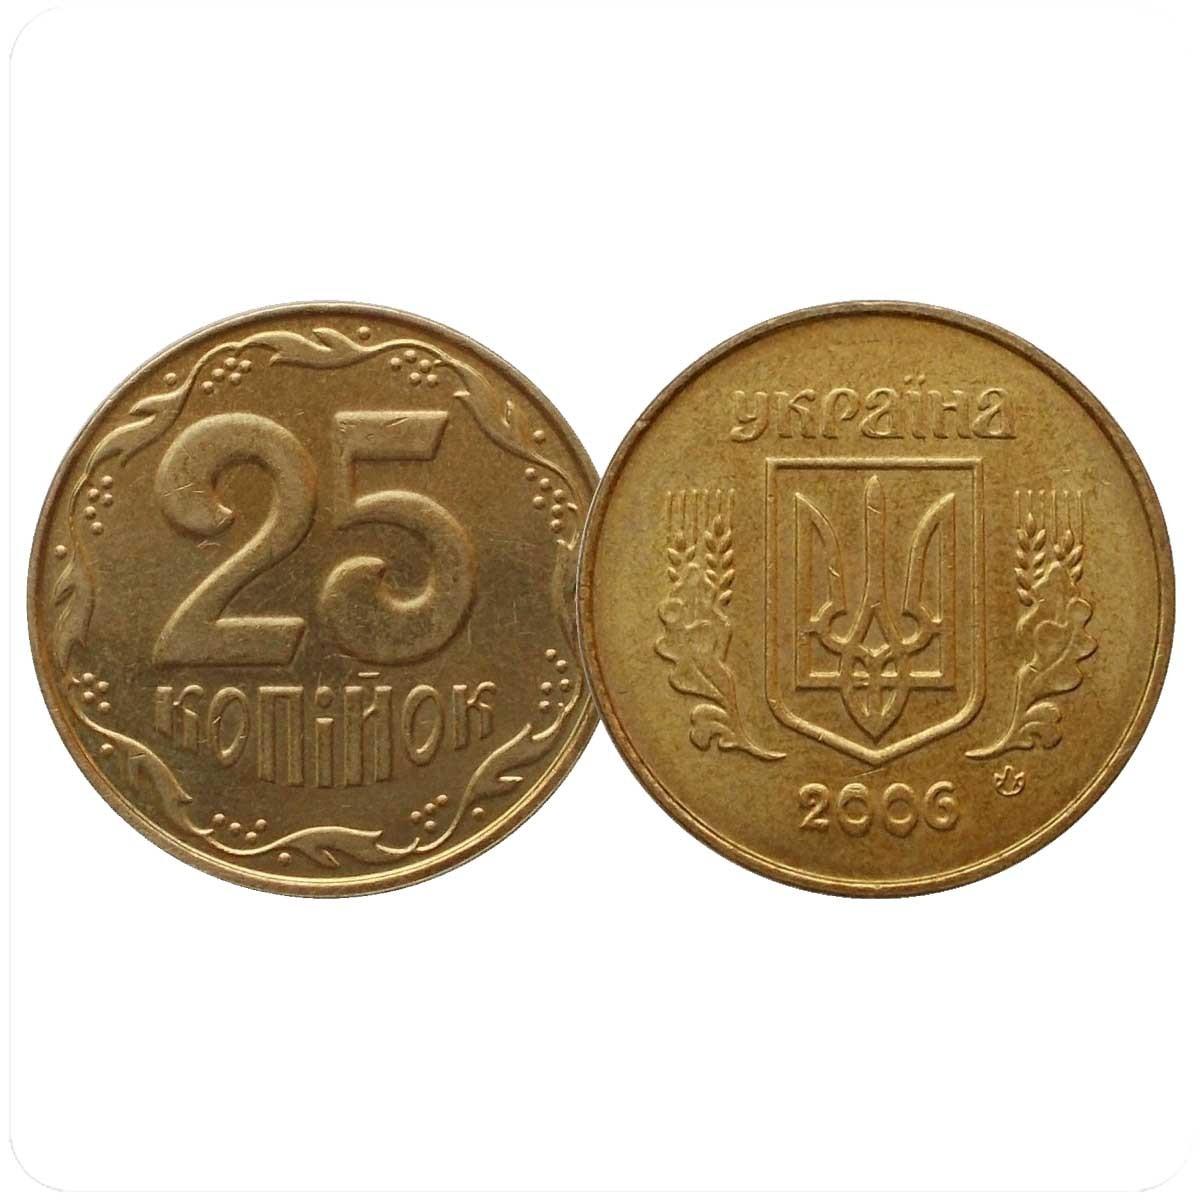 25 копинок 2006 года сколько стоит 2 рублей 1999 года цена